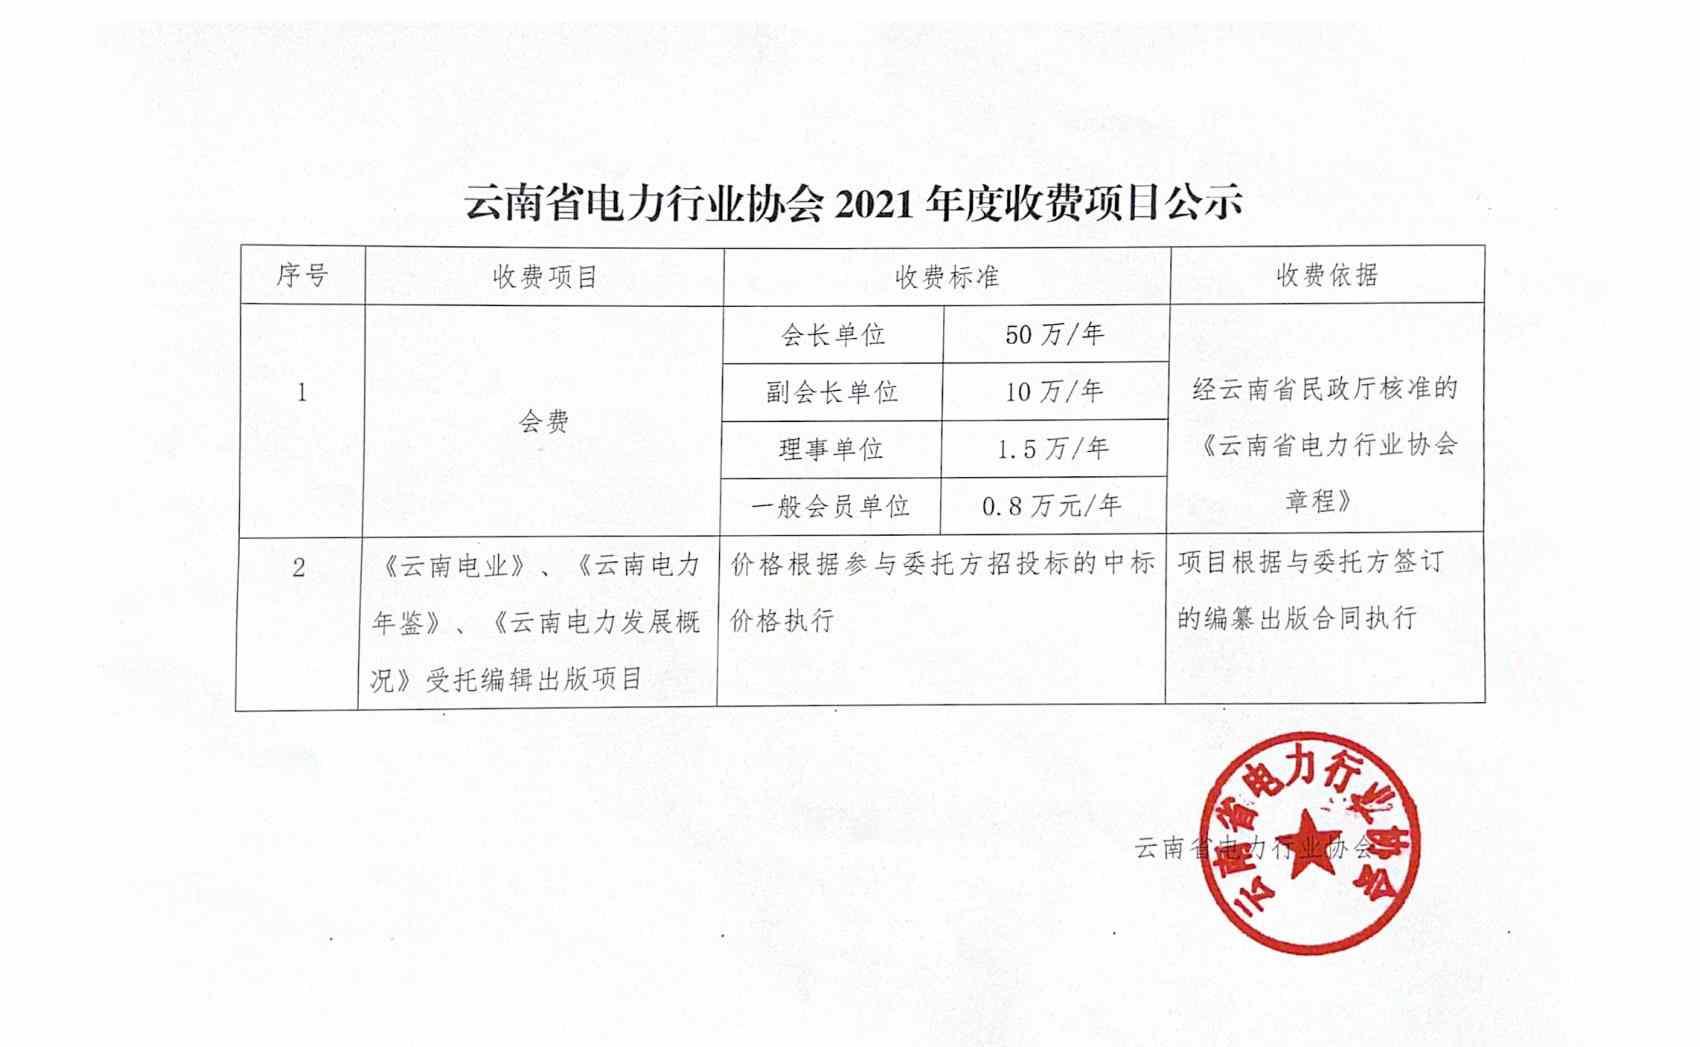 云啊省儿力行业协会2021 年度收炎项川公尔_1.jpg